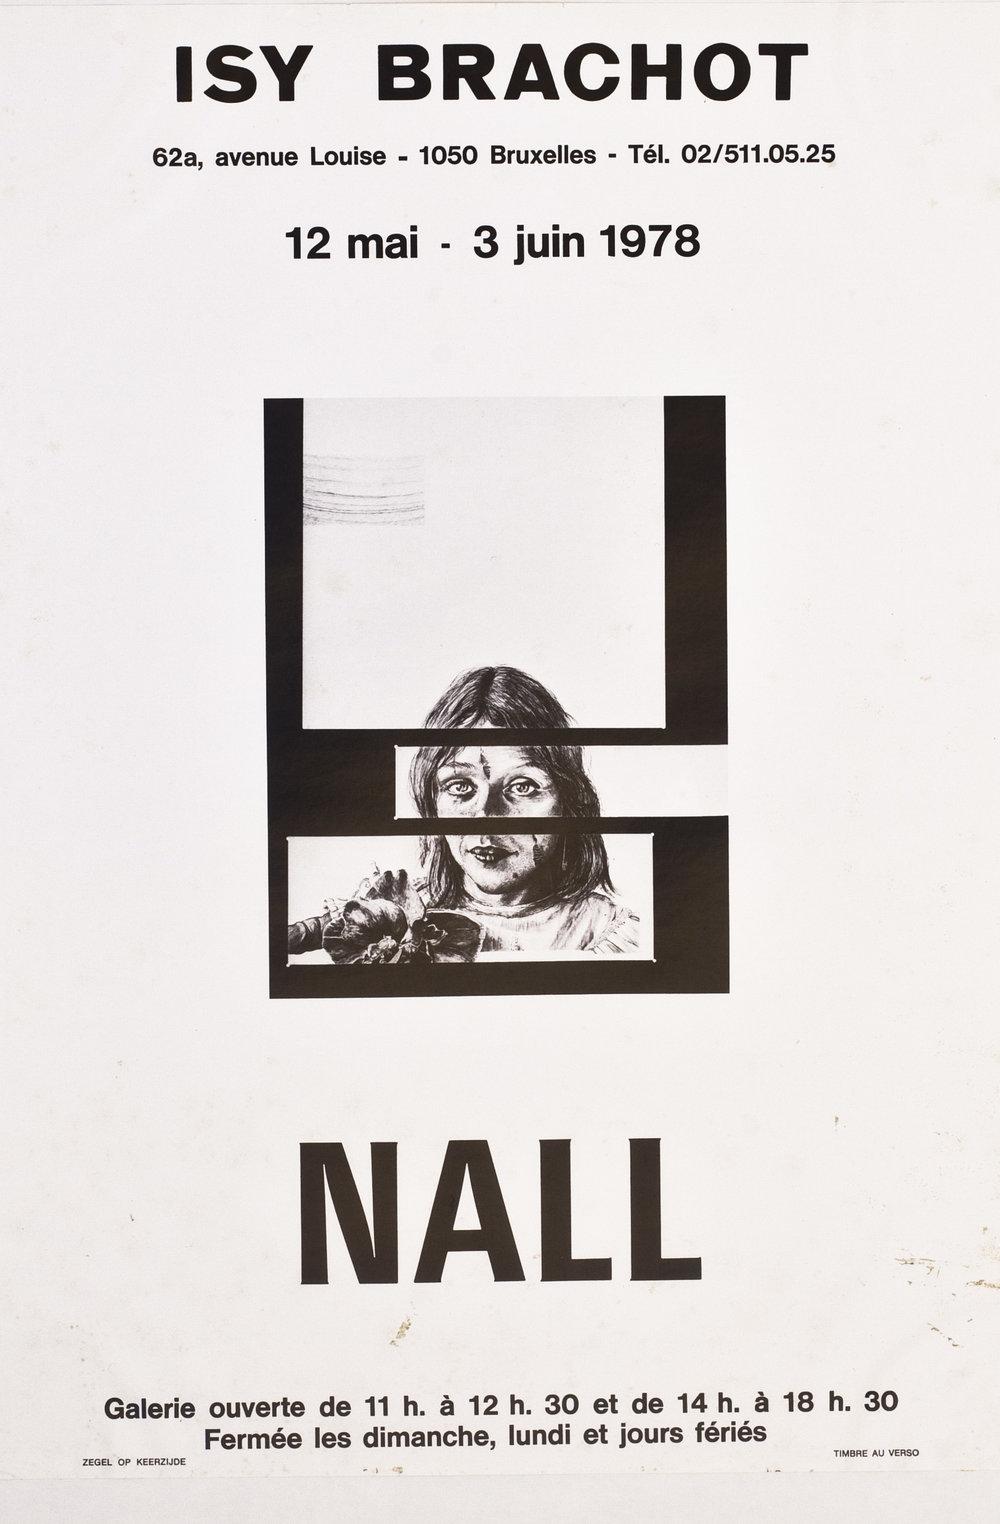 Isy Brachot - 1978